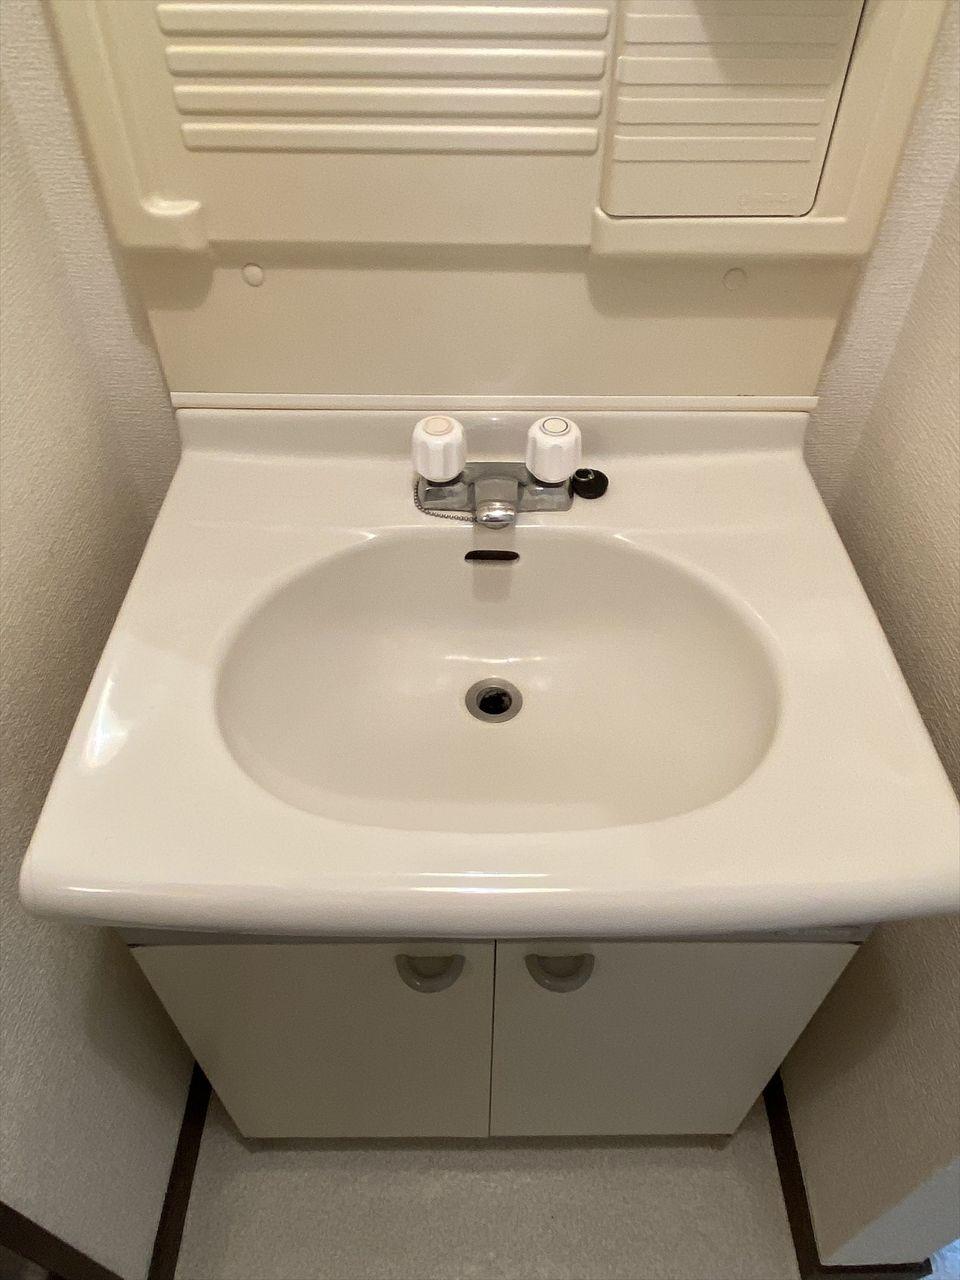 ベルパークは独立洗面台があり女性の方に好評です